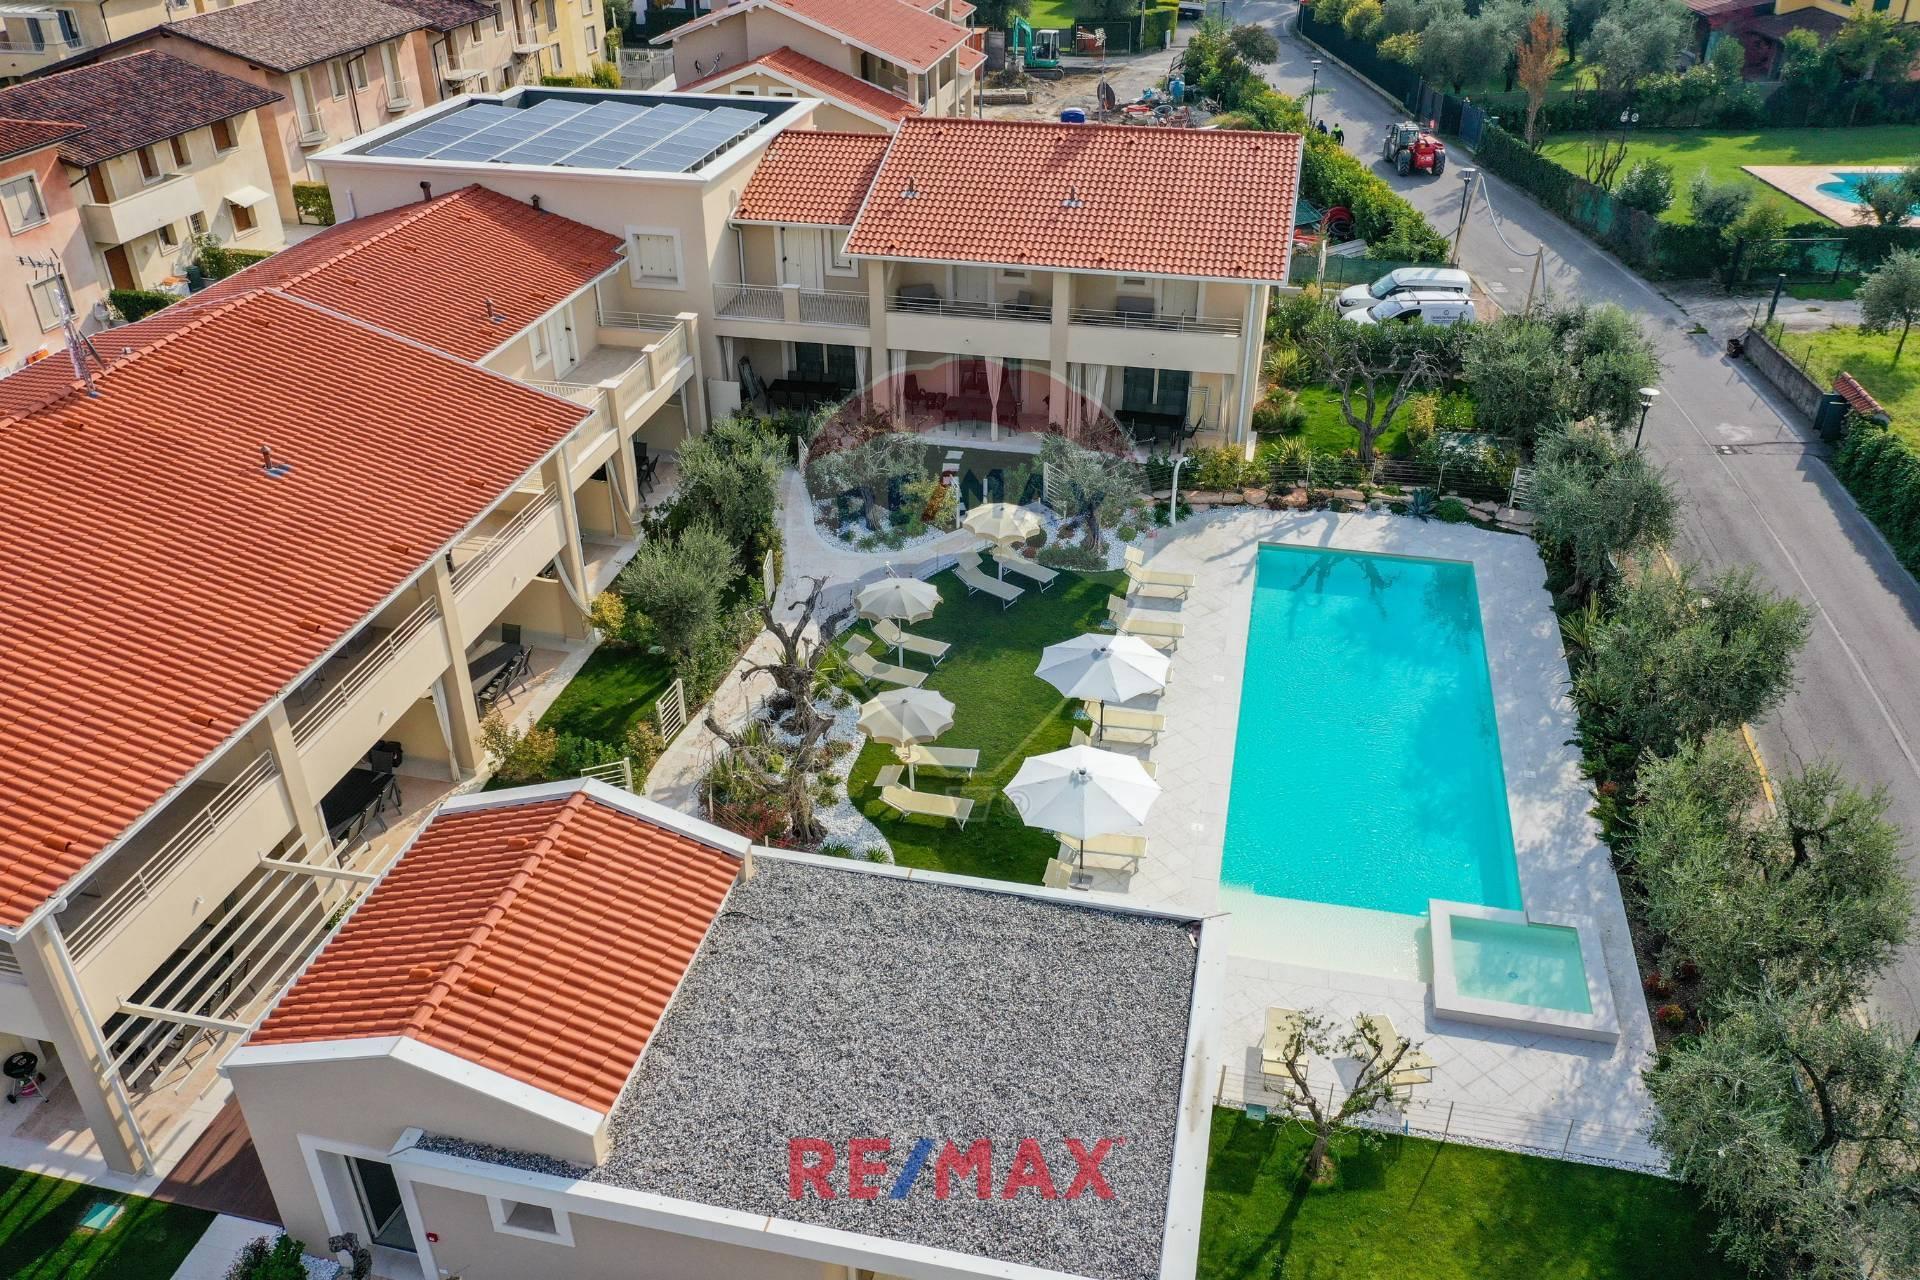 Vendita Hotel/Albergo Commerciale/Industriale Manerba del Garda 251922